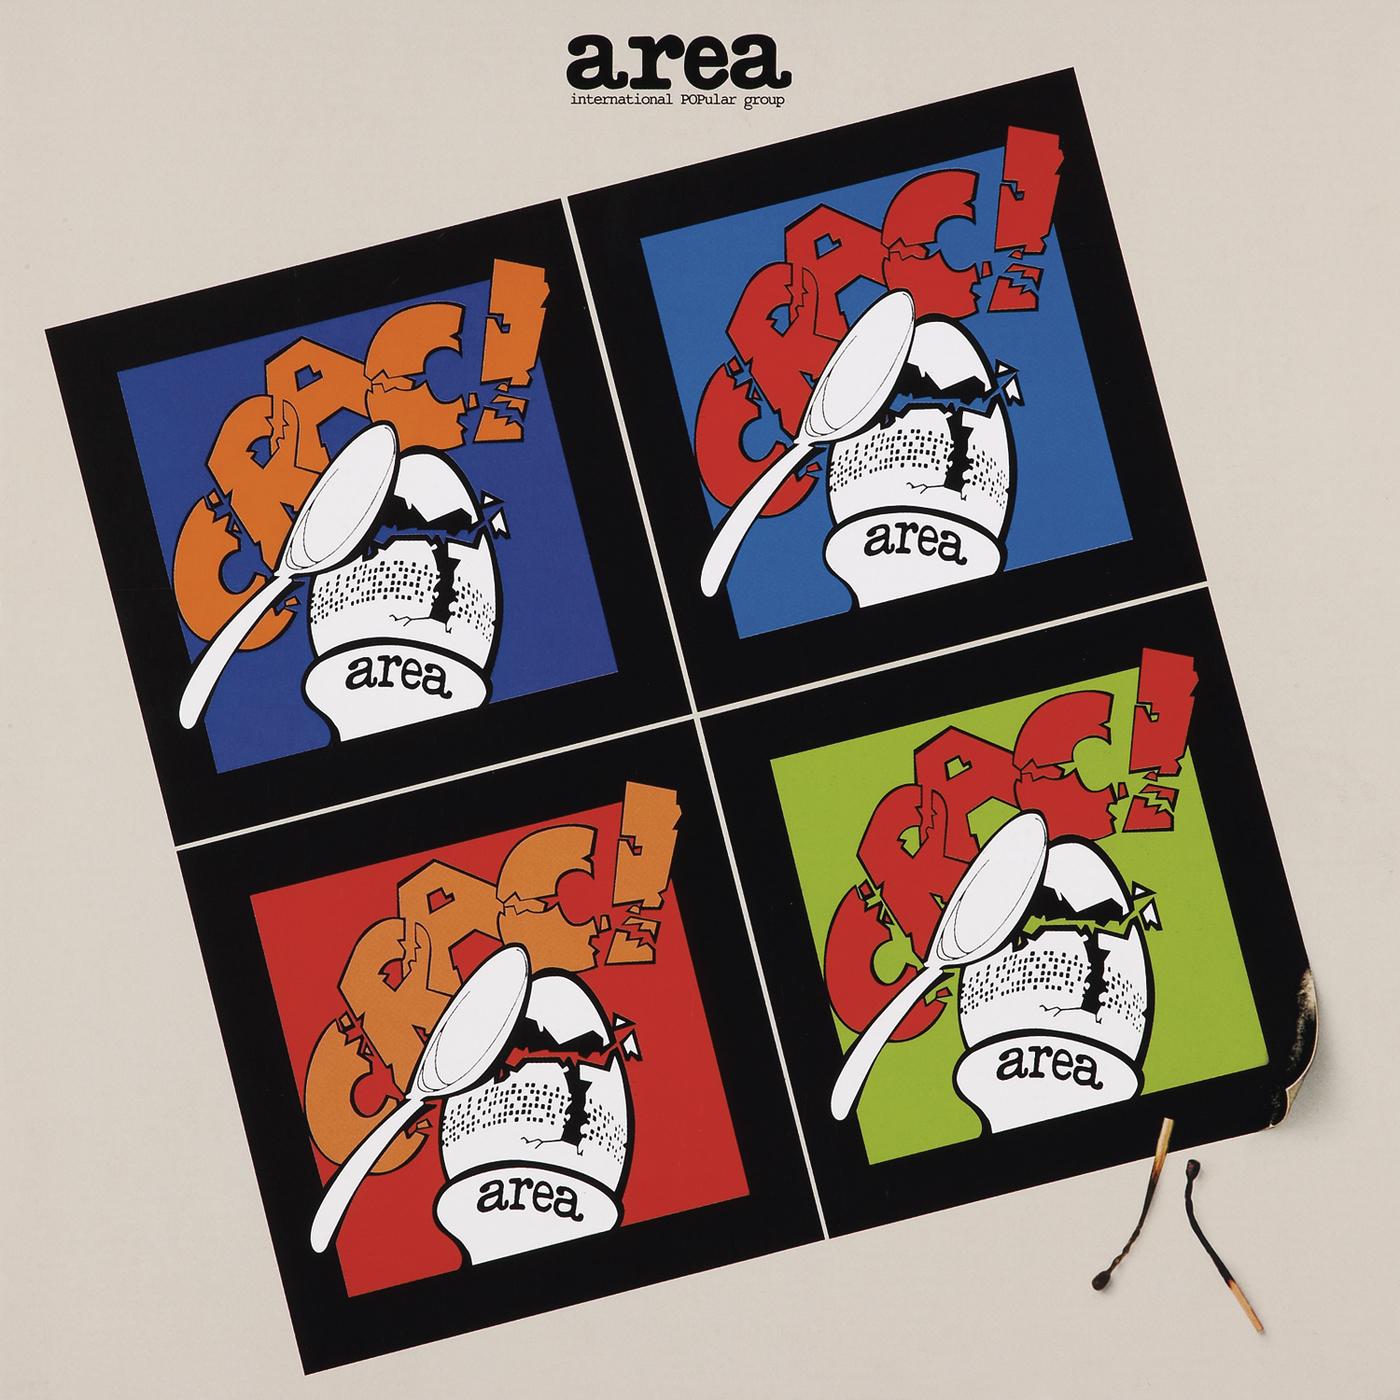 Crac! - Area